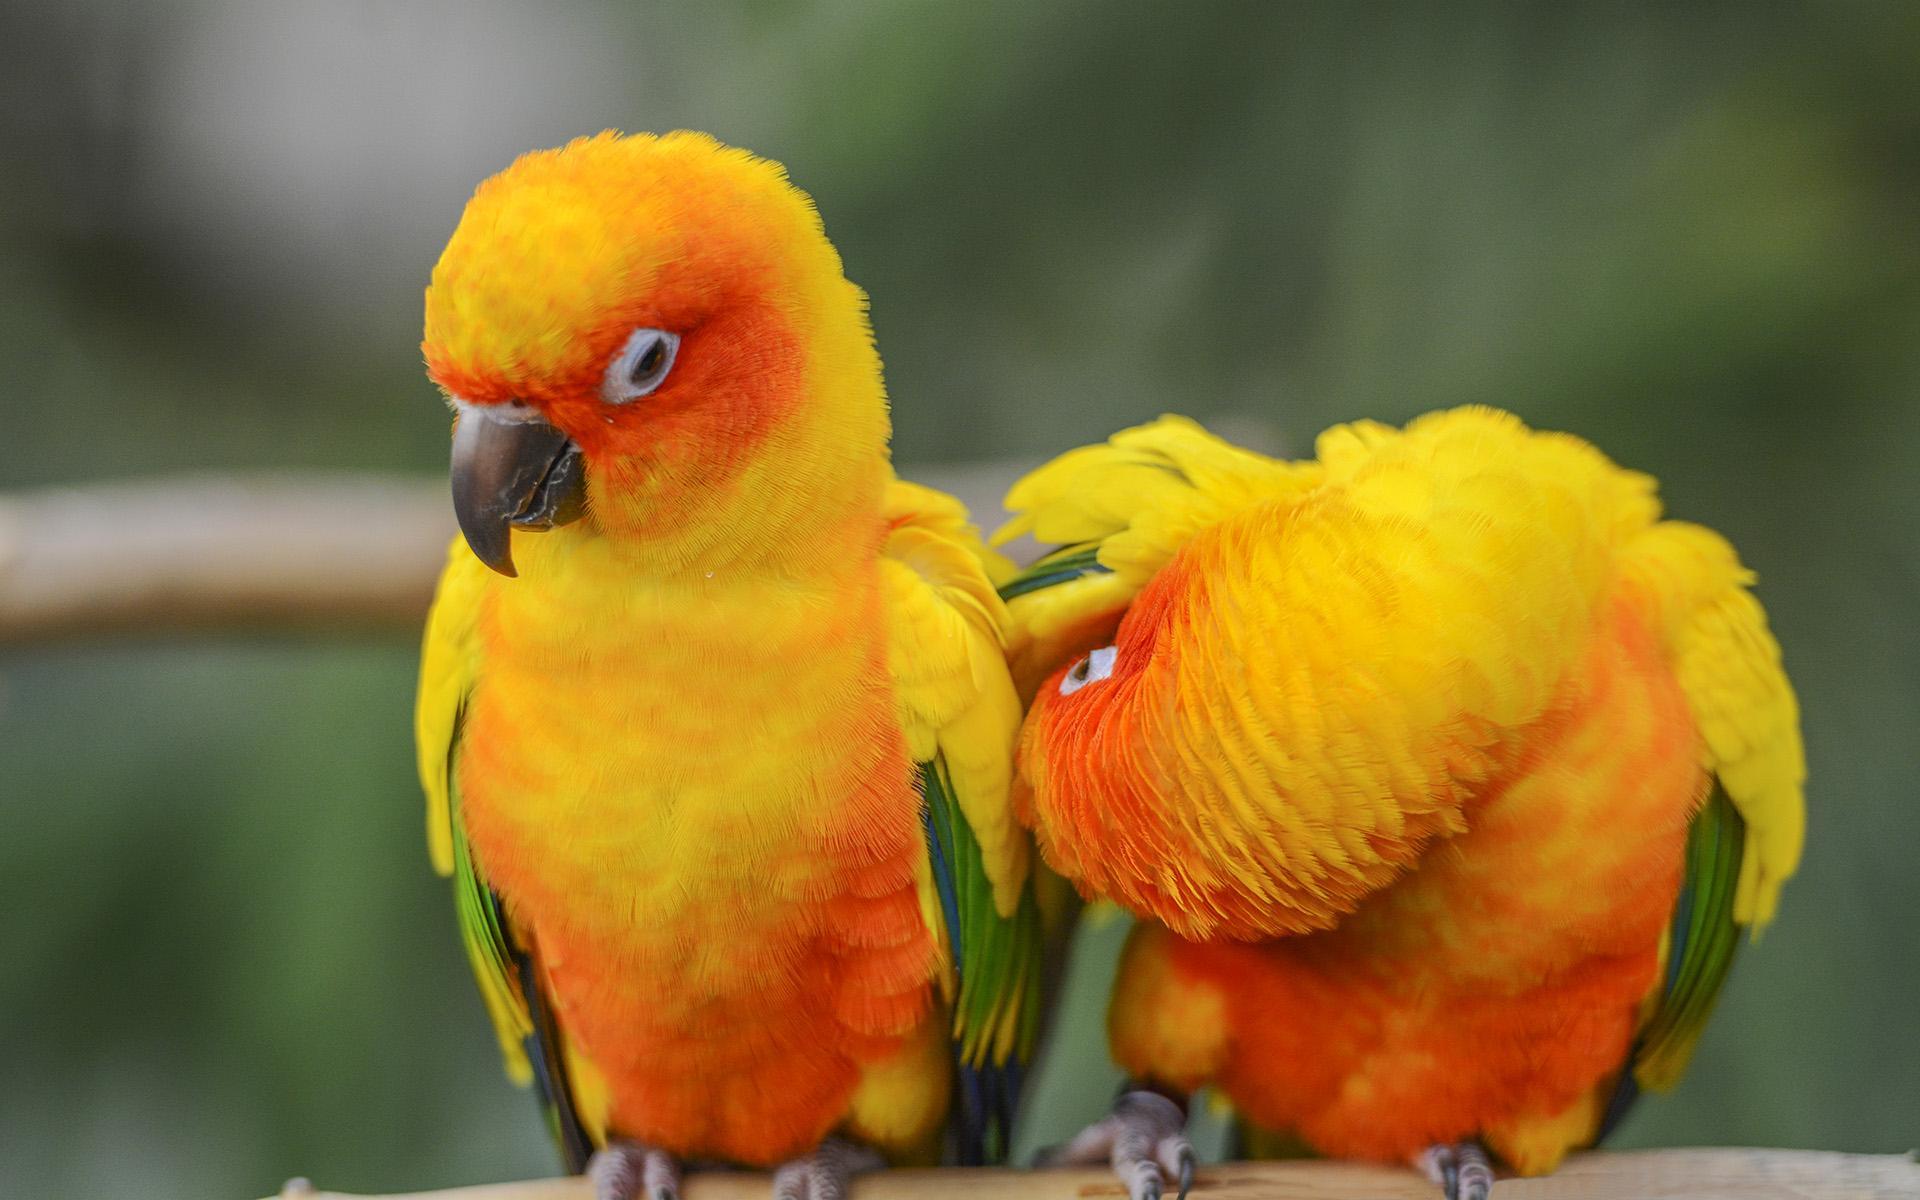 太阳锥尾鹦鹉是国家保护动物吗